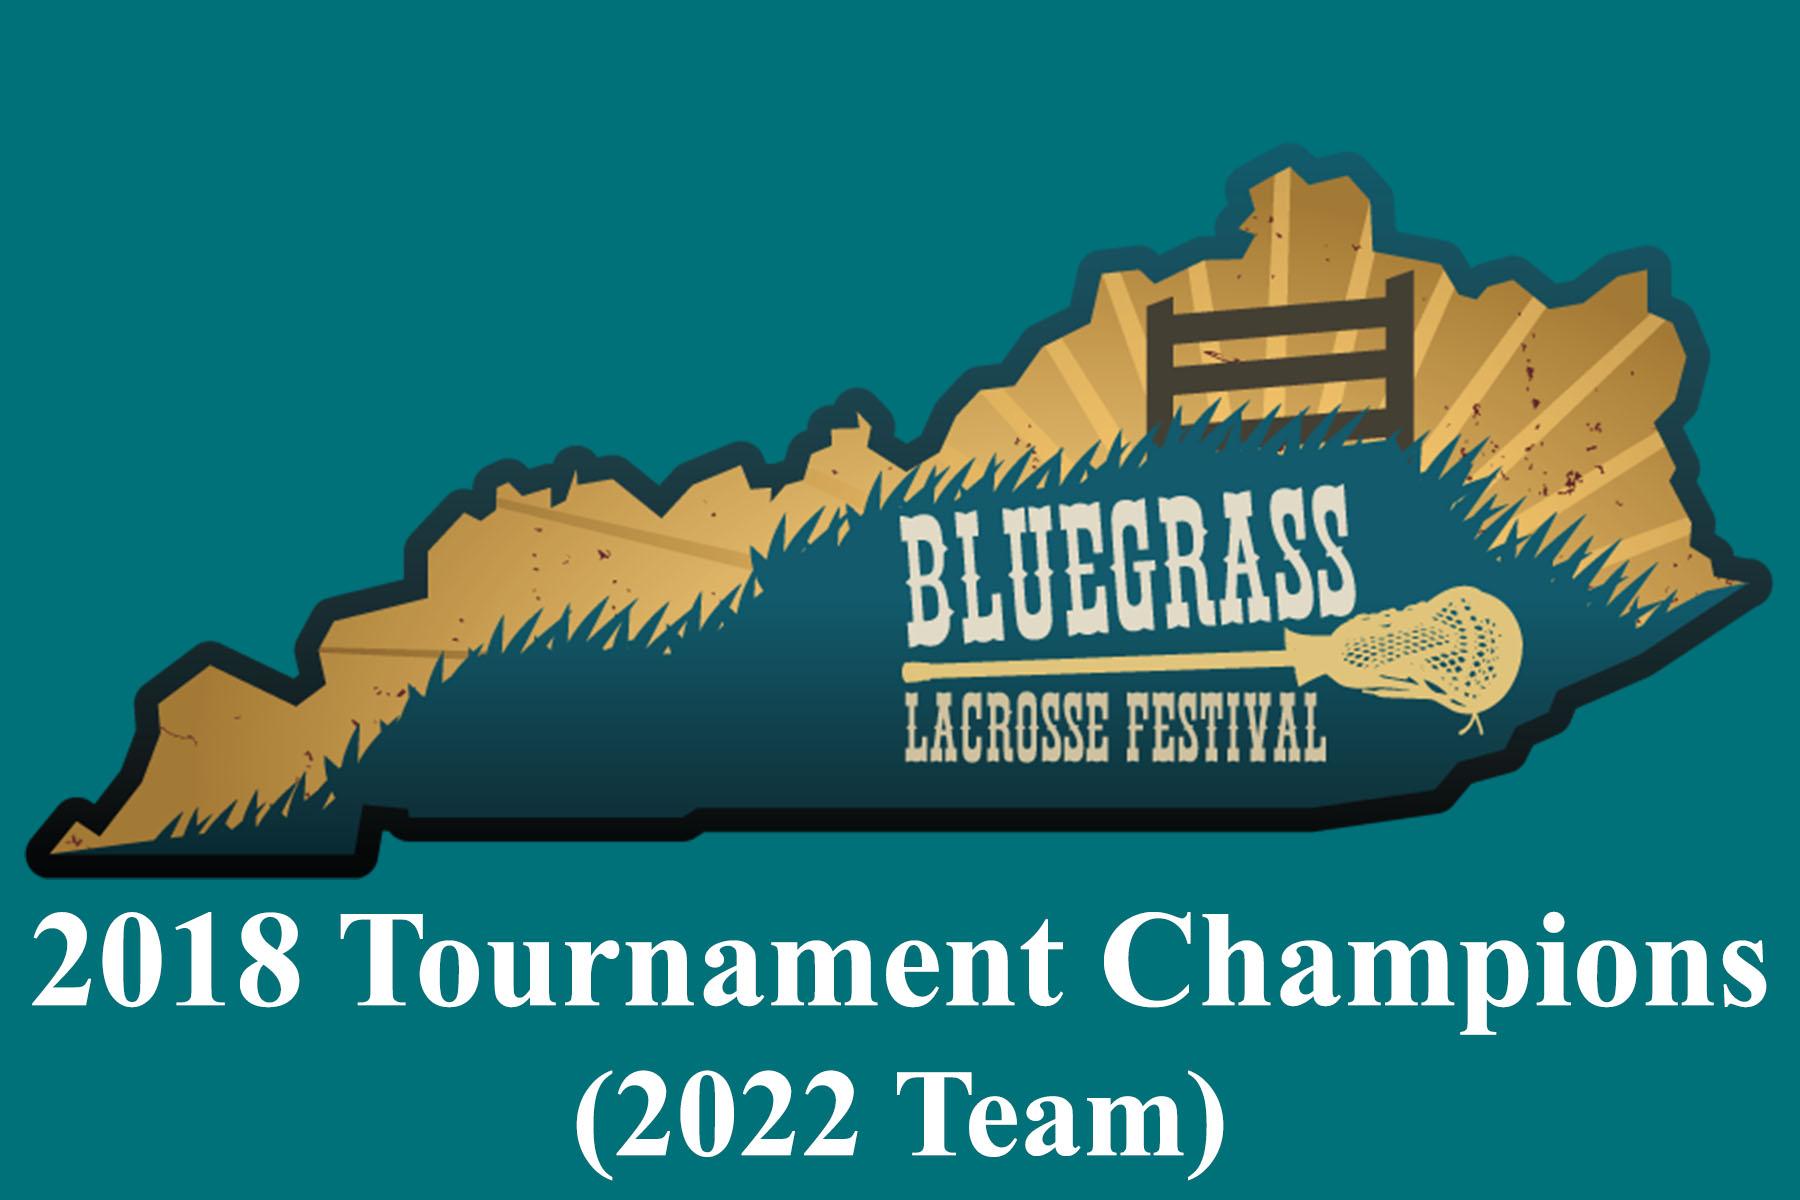 Bluegrass 2022